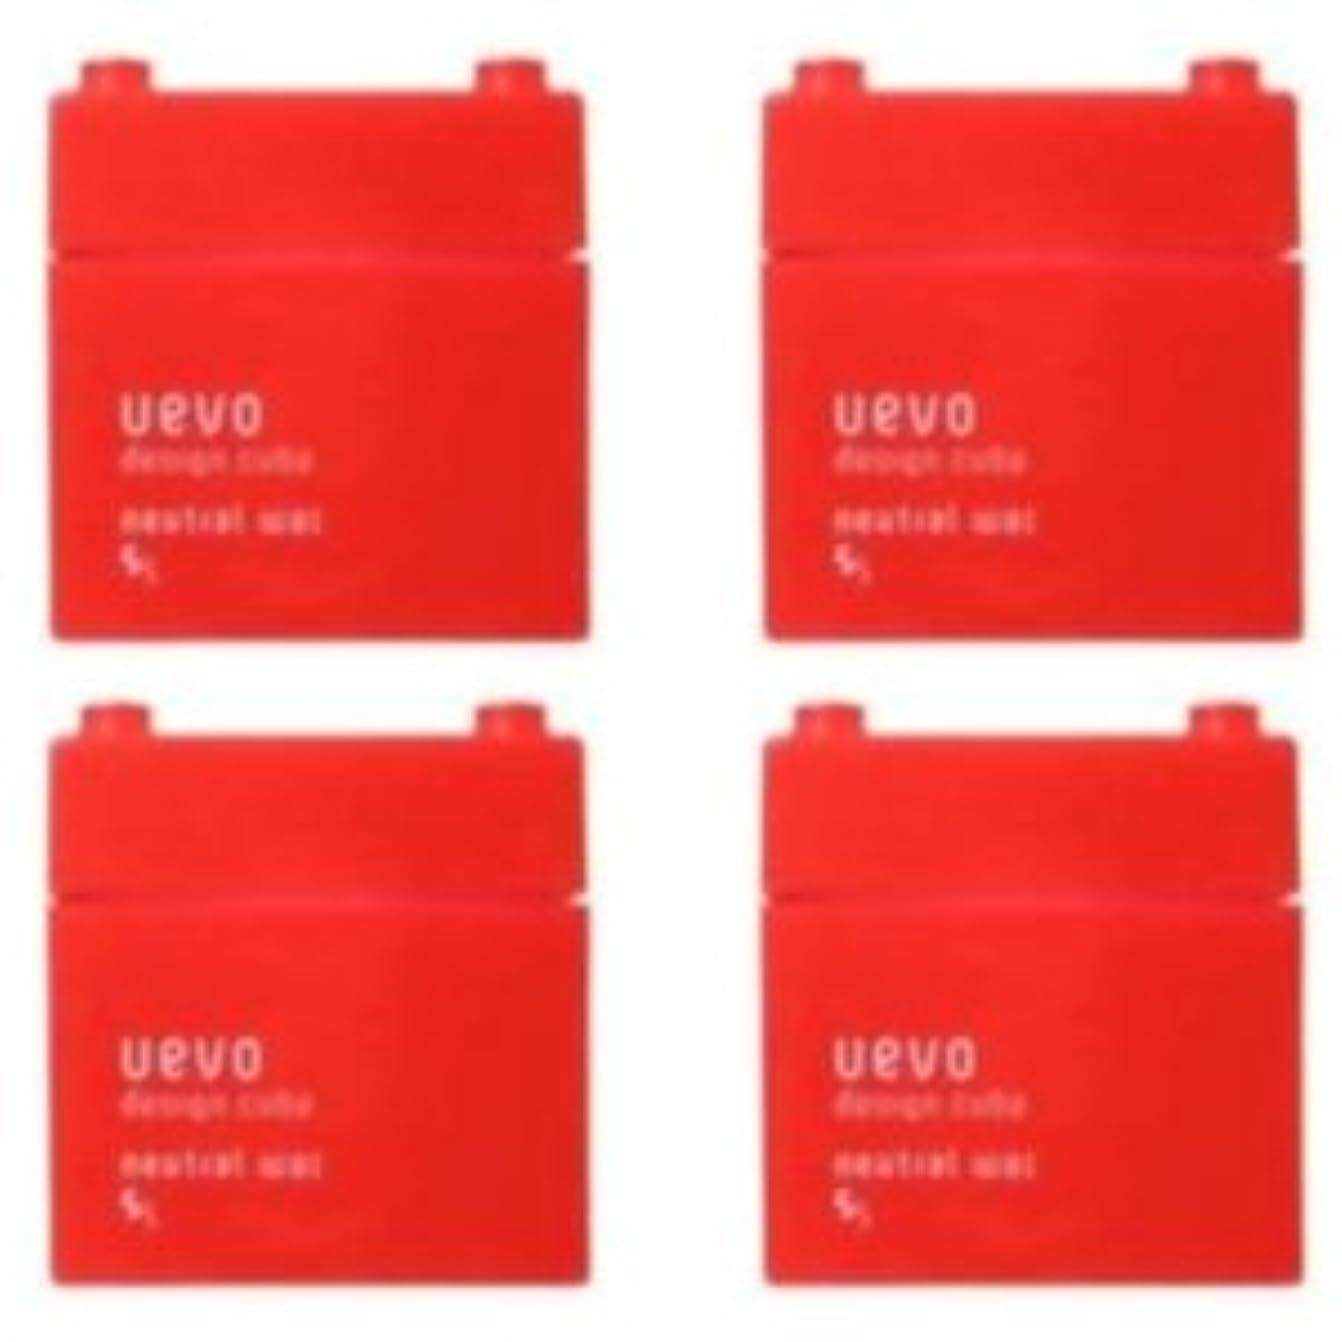 ジャベスウィルソン非行落ち着く【X4個セット】 デミ ウェーボ デザインキューブ ニュートラルワックス 80g neutral wax DEMI uevo design cube